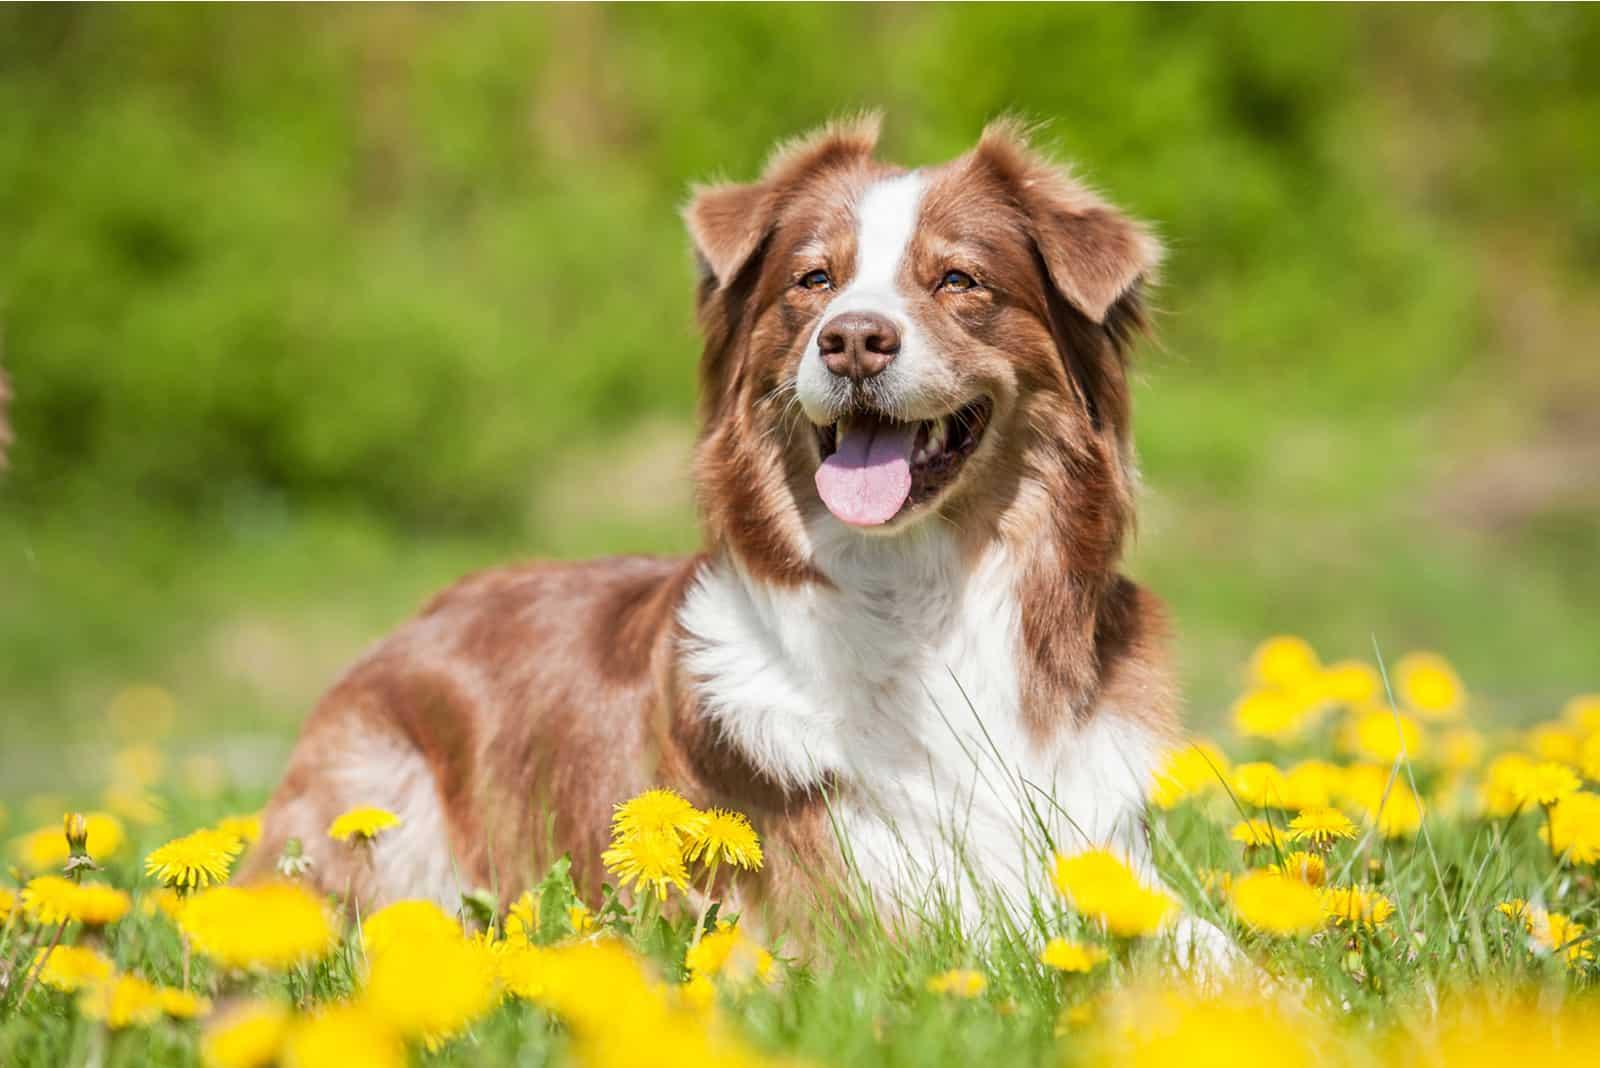 Australischer Schäferhund, der mit Löwenzahn auf dem Rasen liegt